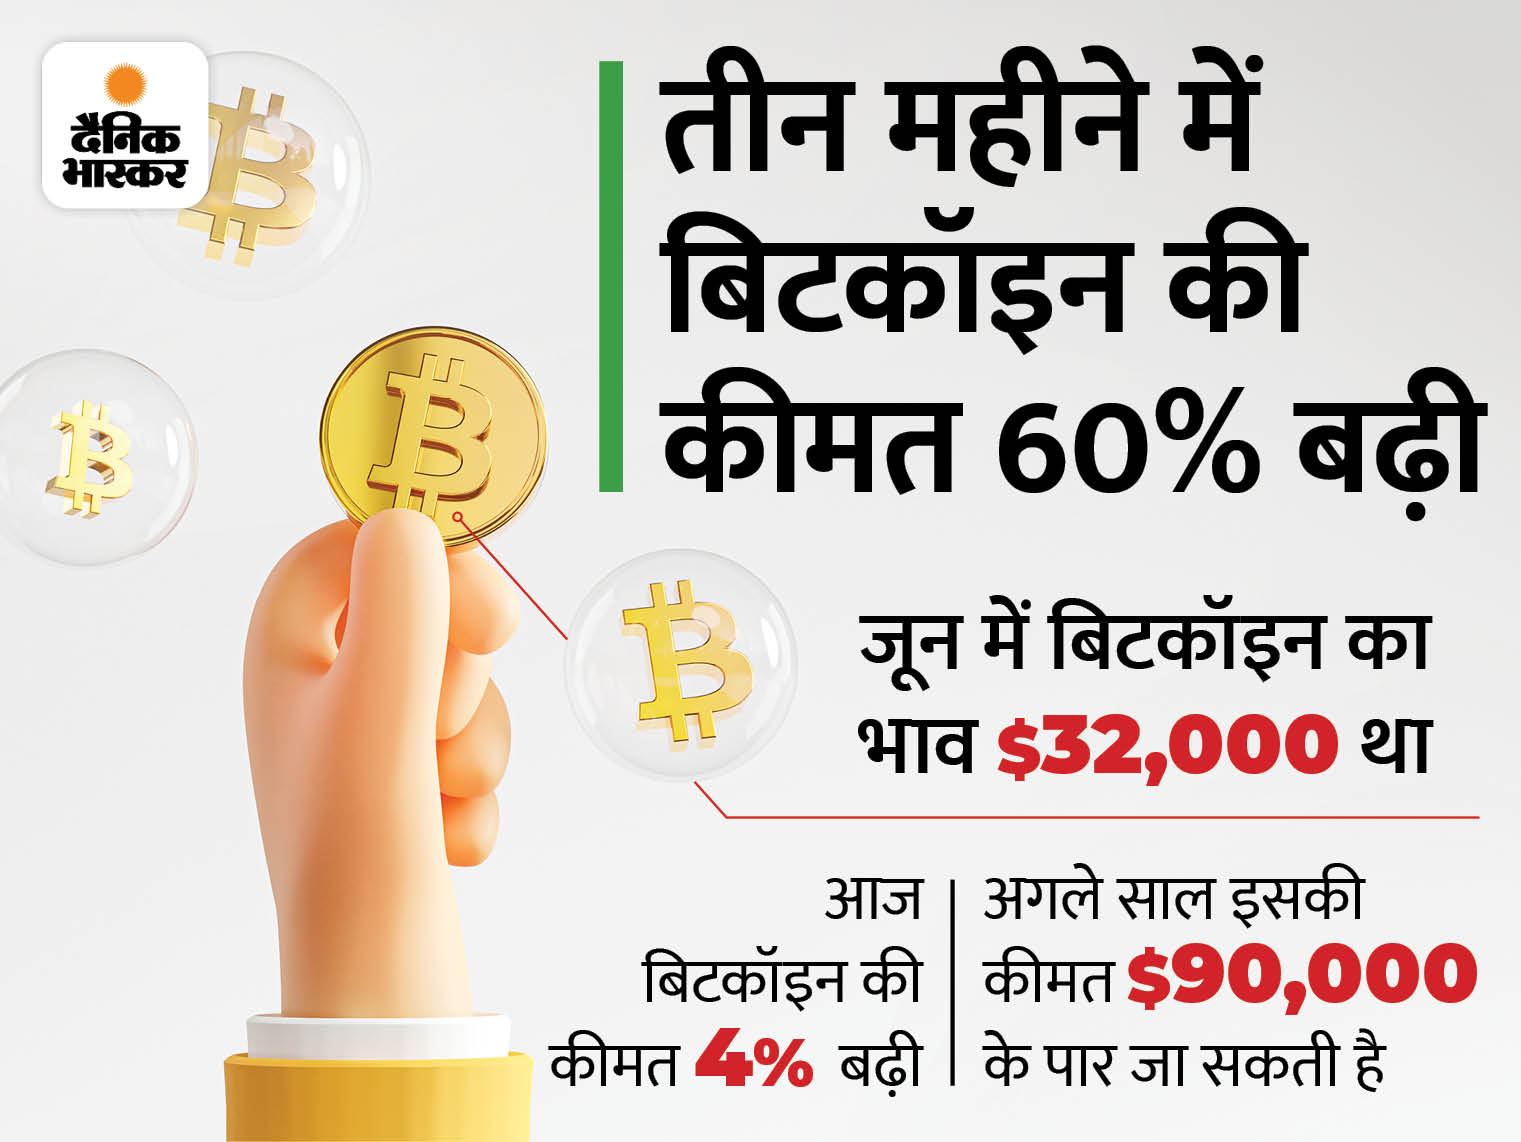 बिटकॉइन की कीमत 4% बढ़ी, पोलकाडाट और डागकॉइन की कीमत 6% बढ़ी|बिजनेस,Business - Dainik Bhaskar